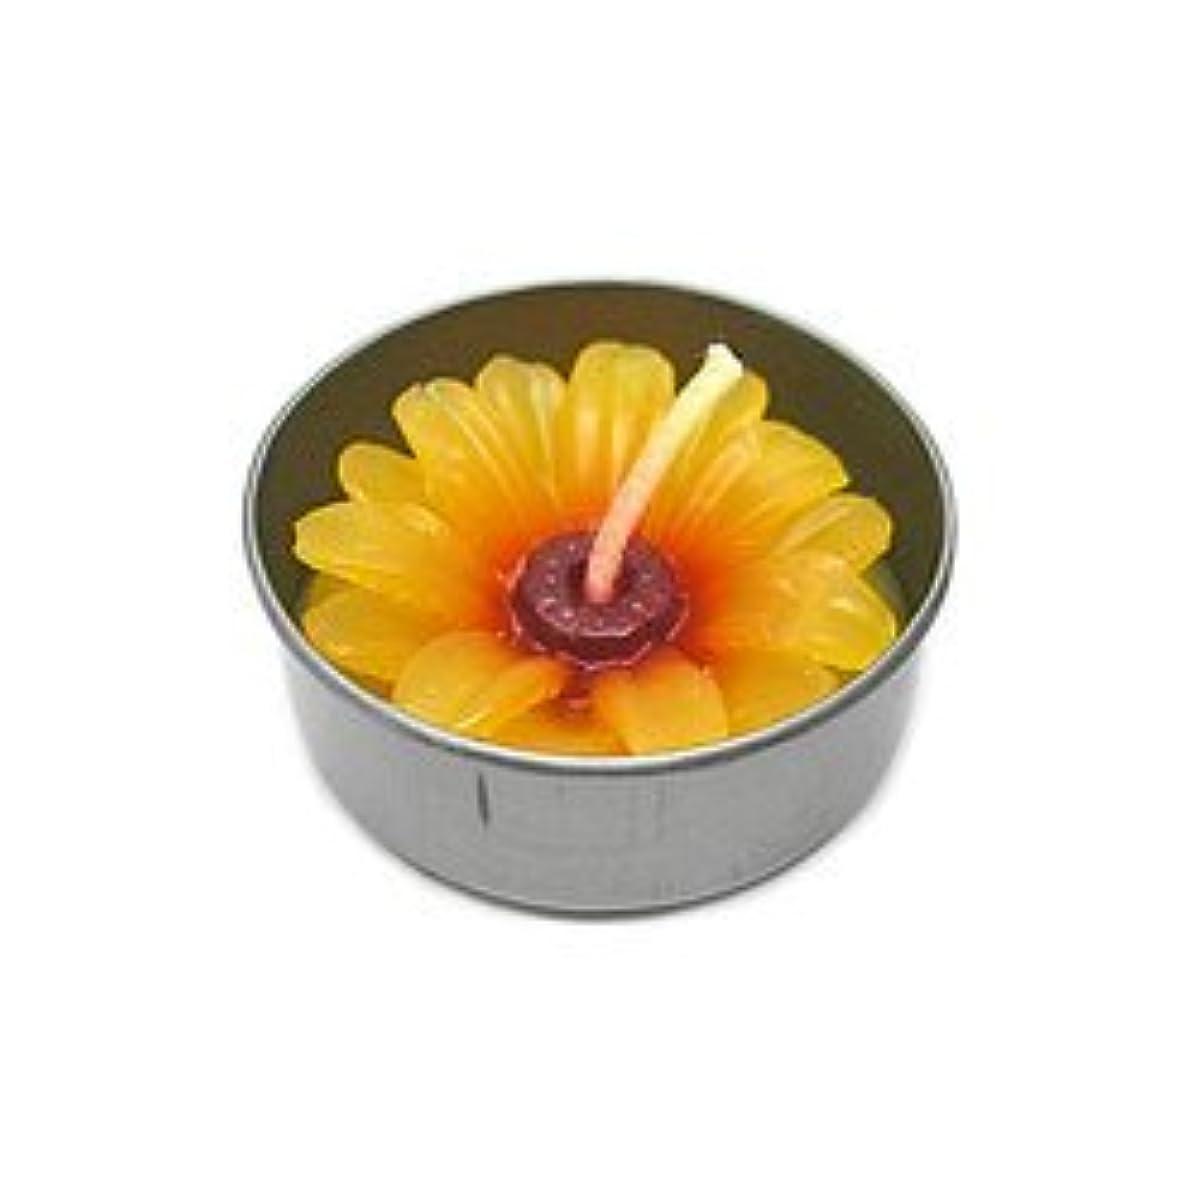 足音文庫本あごひげアロマキャンドル  ミニ お花 薄オレンジ 鉄の器入り 器直径4cm アジアン雑貨